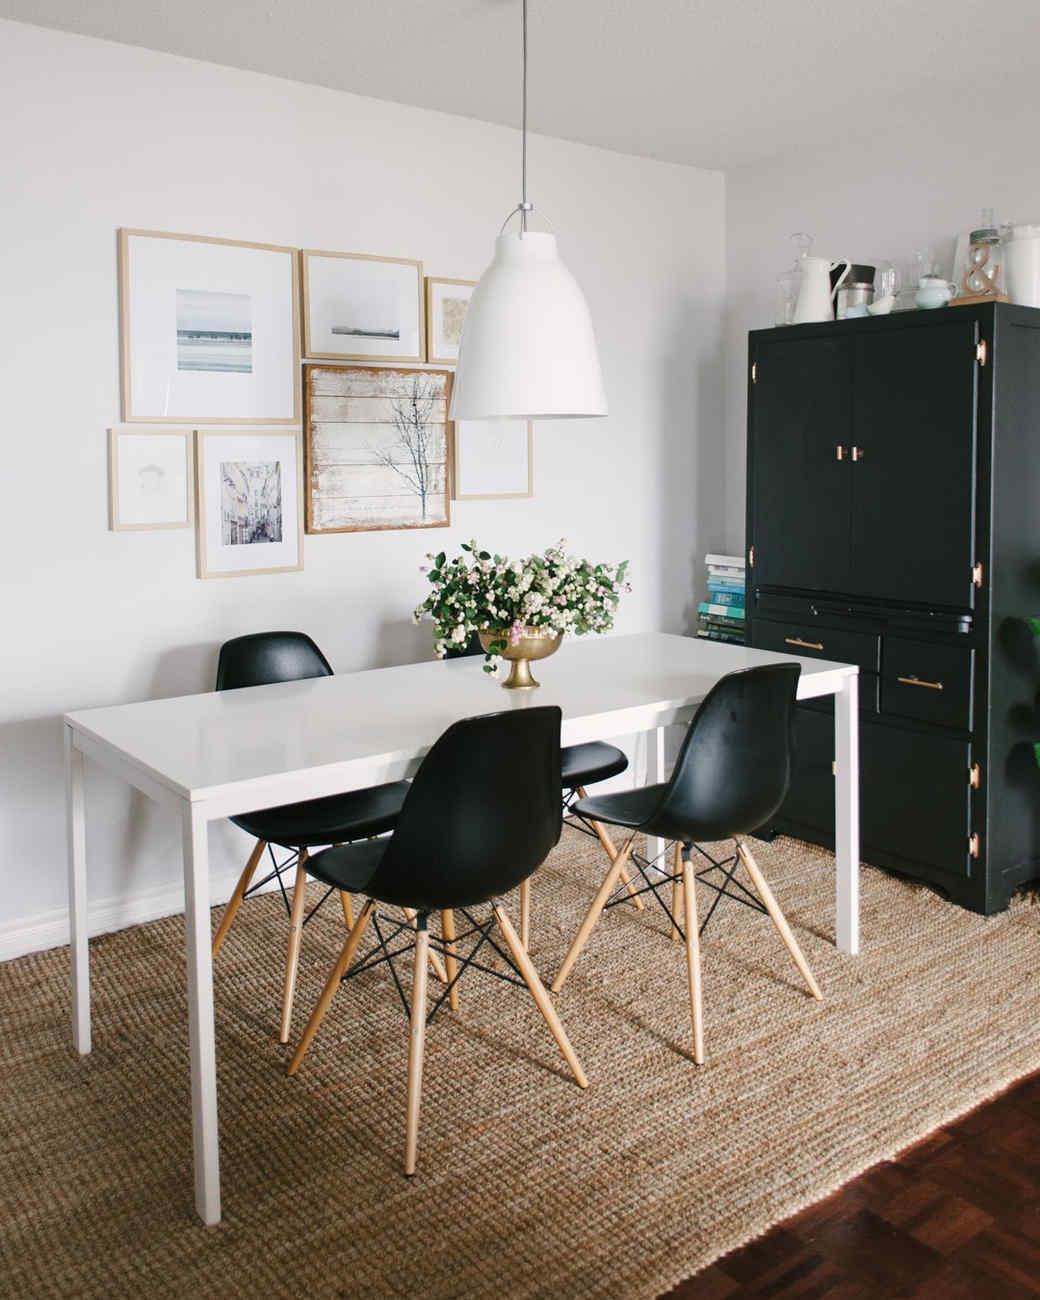 dining-room-after-lark-linen-1215.jpg